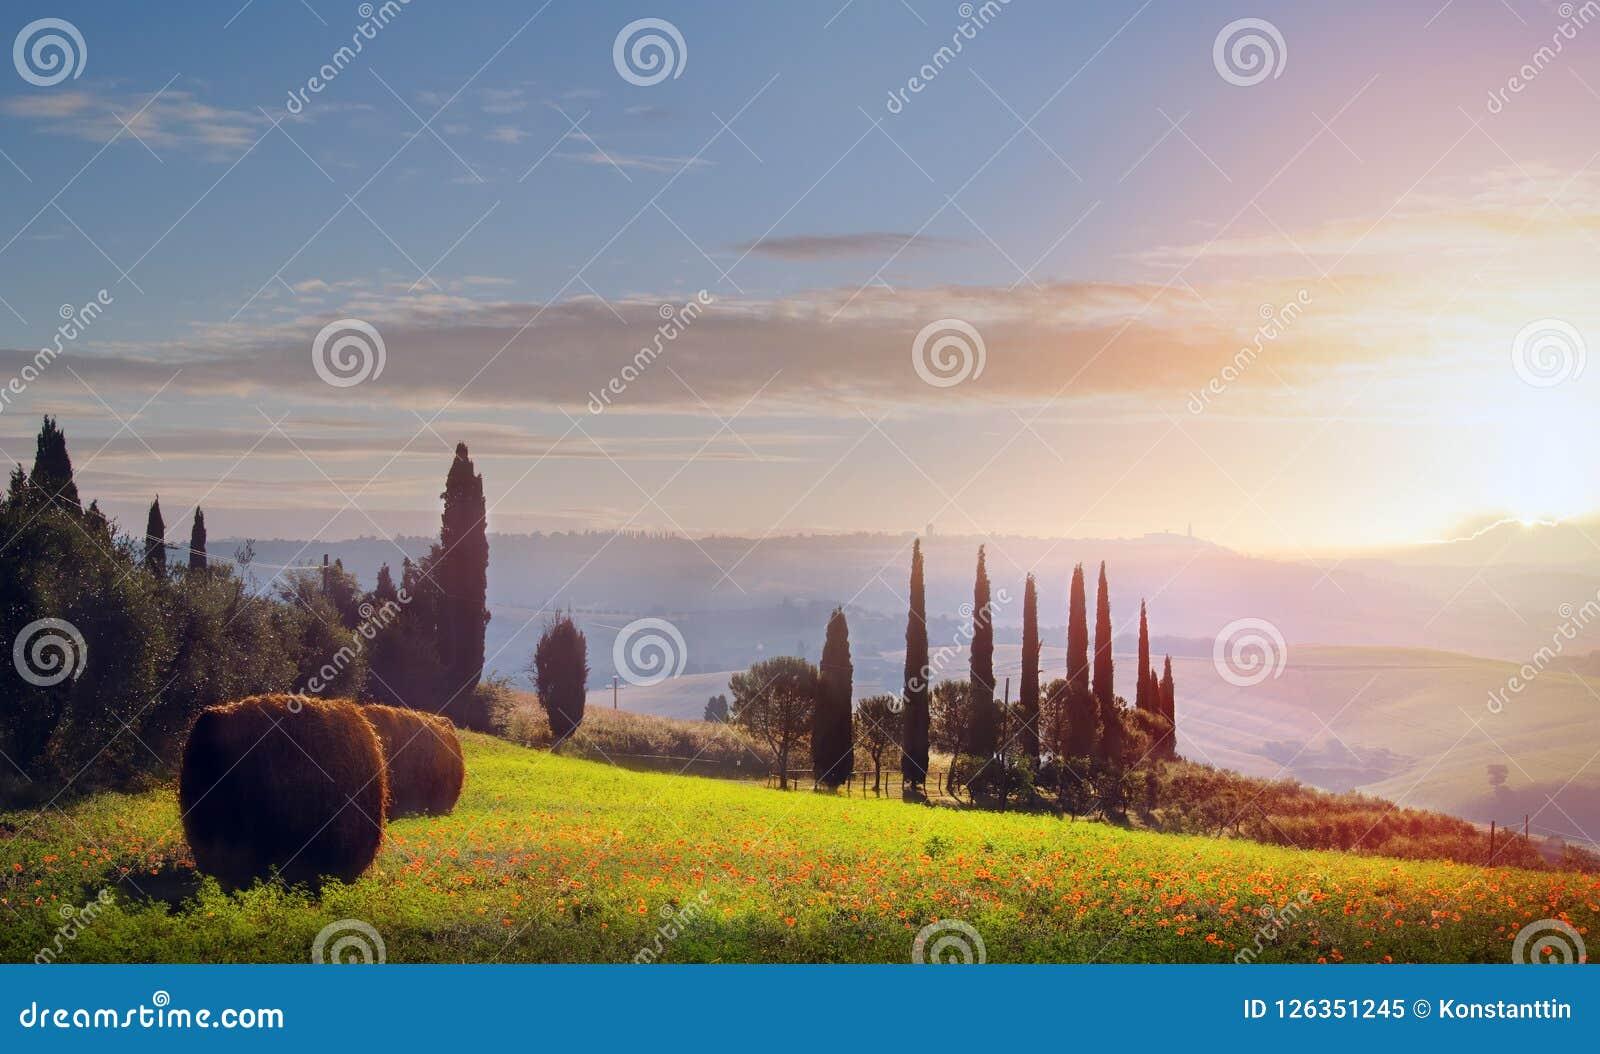 Włochy Tuscany ziemia uprawna i oliwki drzewo; lato wsi ziemia